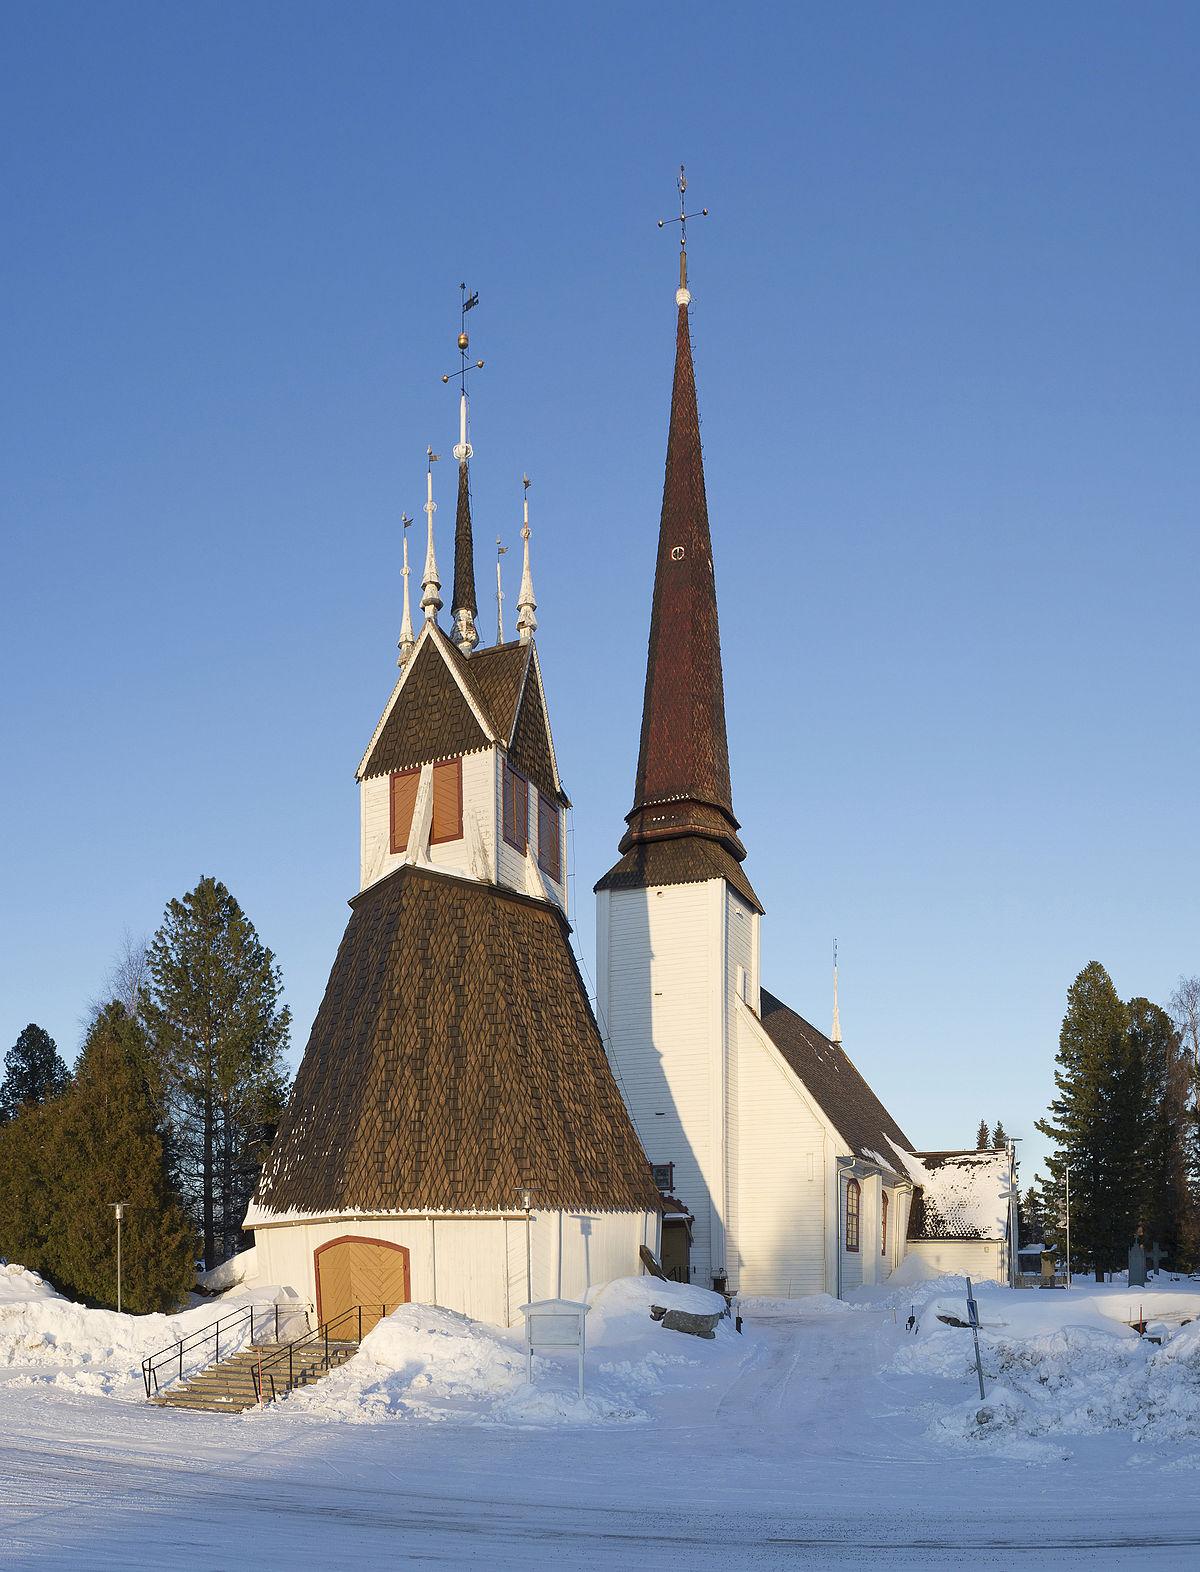 финляндия город торнио фото приятно после